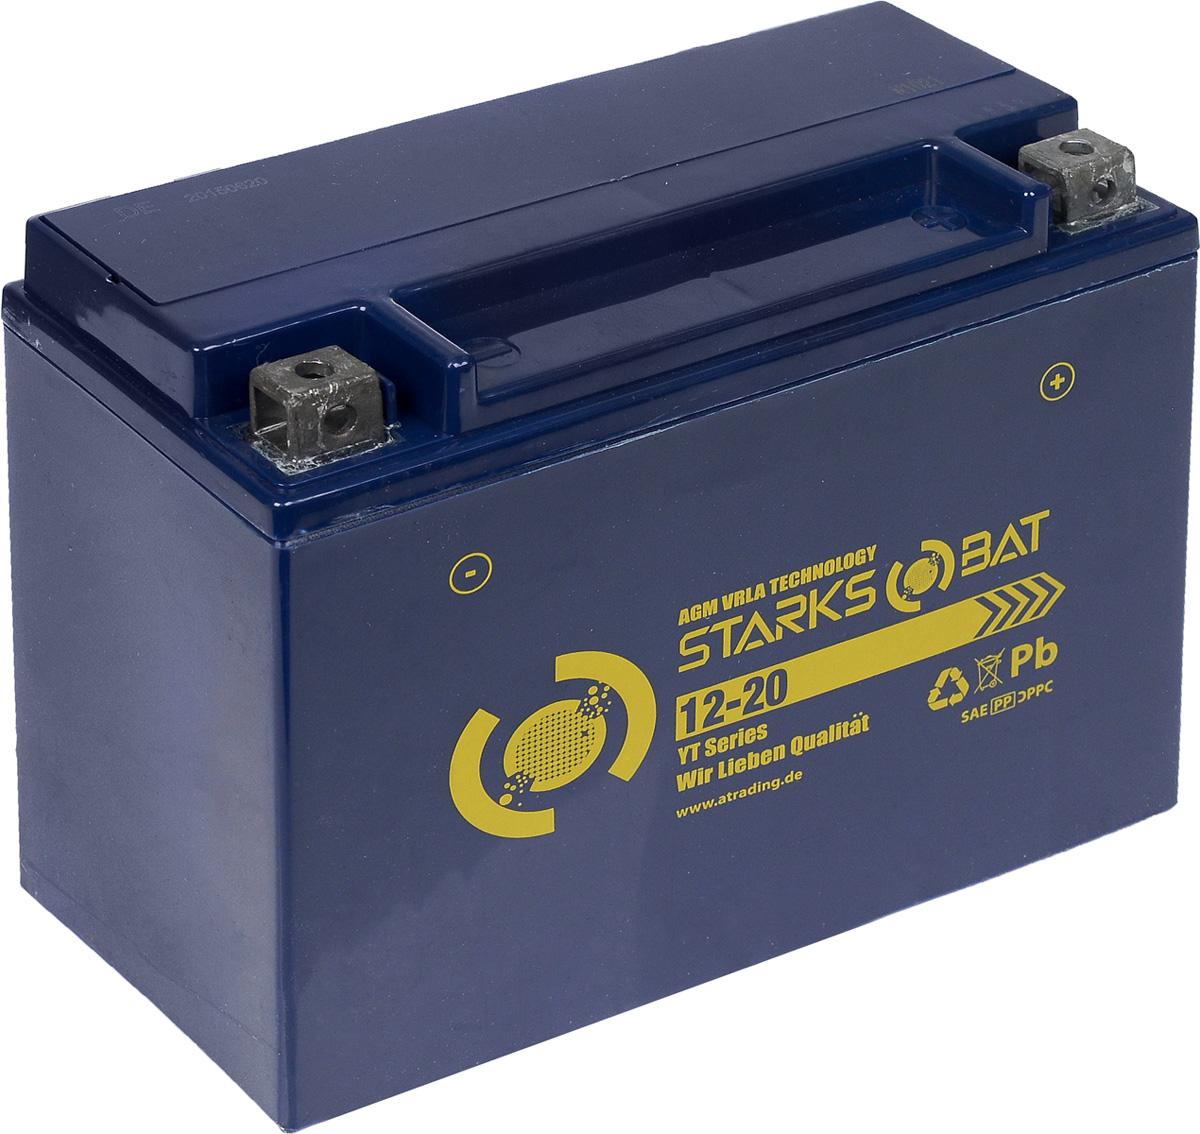 Батарея аккумуляторная для мотоциклов Starksbat. YT 12-20 (YTX24HL-BS)80621Аккумулятор Starksbat изготовлен по технологии AGM, обеспечивающей повышенный уровень безопасности батареи и удобство ее эксплуатации. Корпус выполнен из особо ударопрочного и морозостойкого полипропилена. Аккумулятор блестяще доказал свои высокие эксплуатационные свойства в самых экстремальных условиях бездорожья, высоких и низких температур.Аккумуляторная батарея Starksbat производится под знаменитым немецким контролем качества, что обеспечивает ему высокие пусковые характеристики и восстановление емкости даже после глубокого разряда.Напряжение: 12 В.Емкость: 20 Ач.Полярность: обратная (- +).Ток холодной прокрутки: 260 Аh (EN).